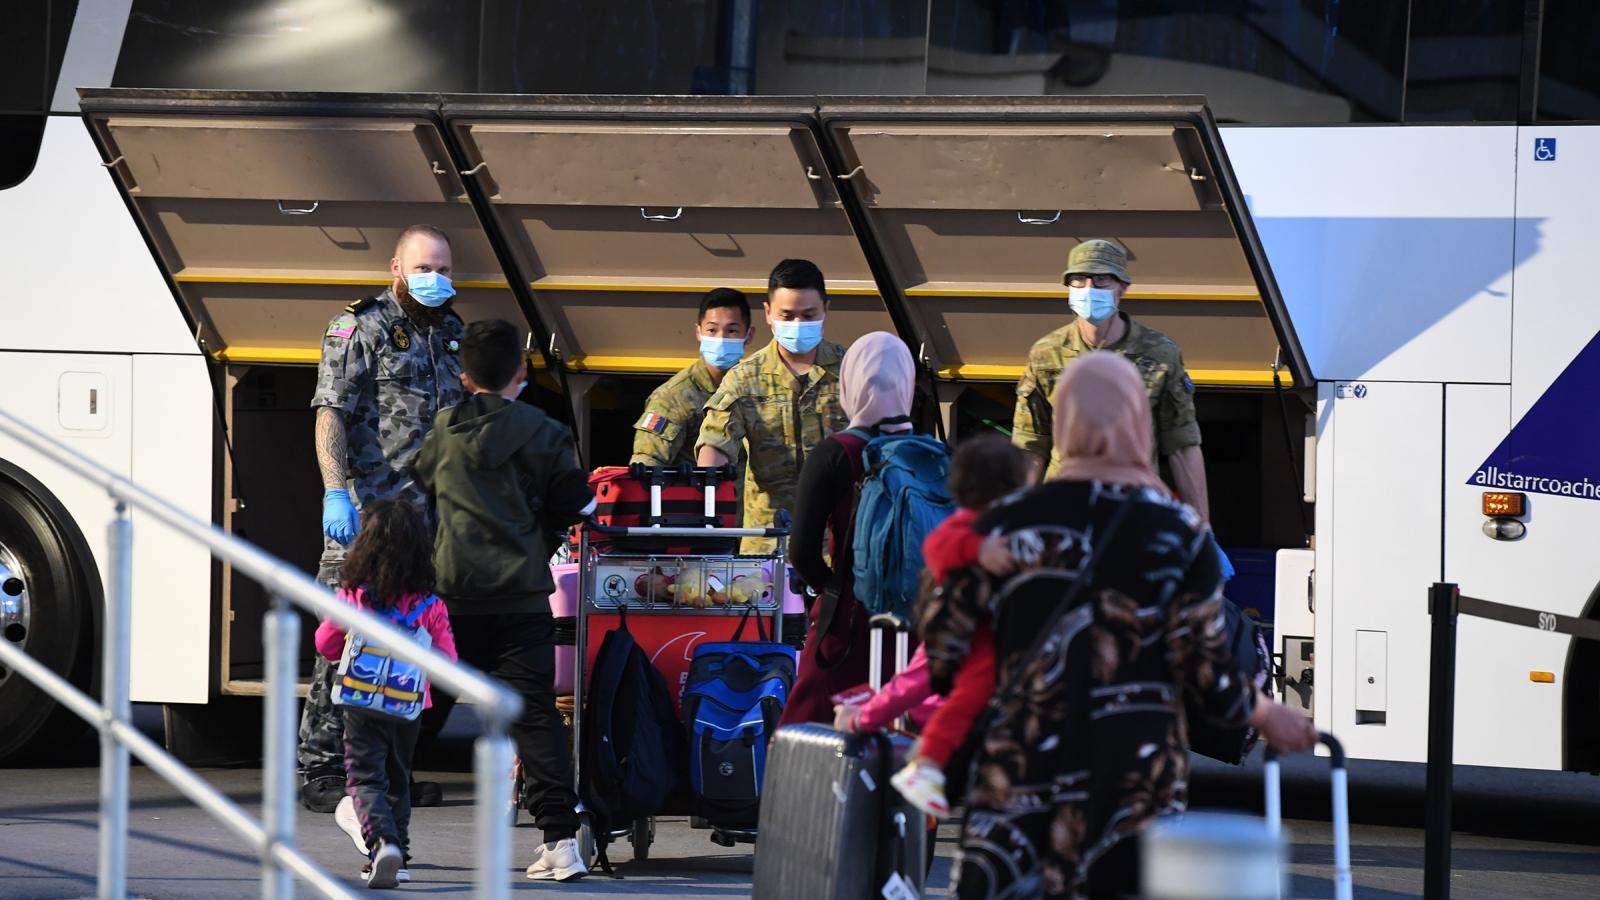 Australia nghiên cứu sử dụng trí tuệ nhân tạo đảm bảo giãn cách xã hội tại các sân bay